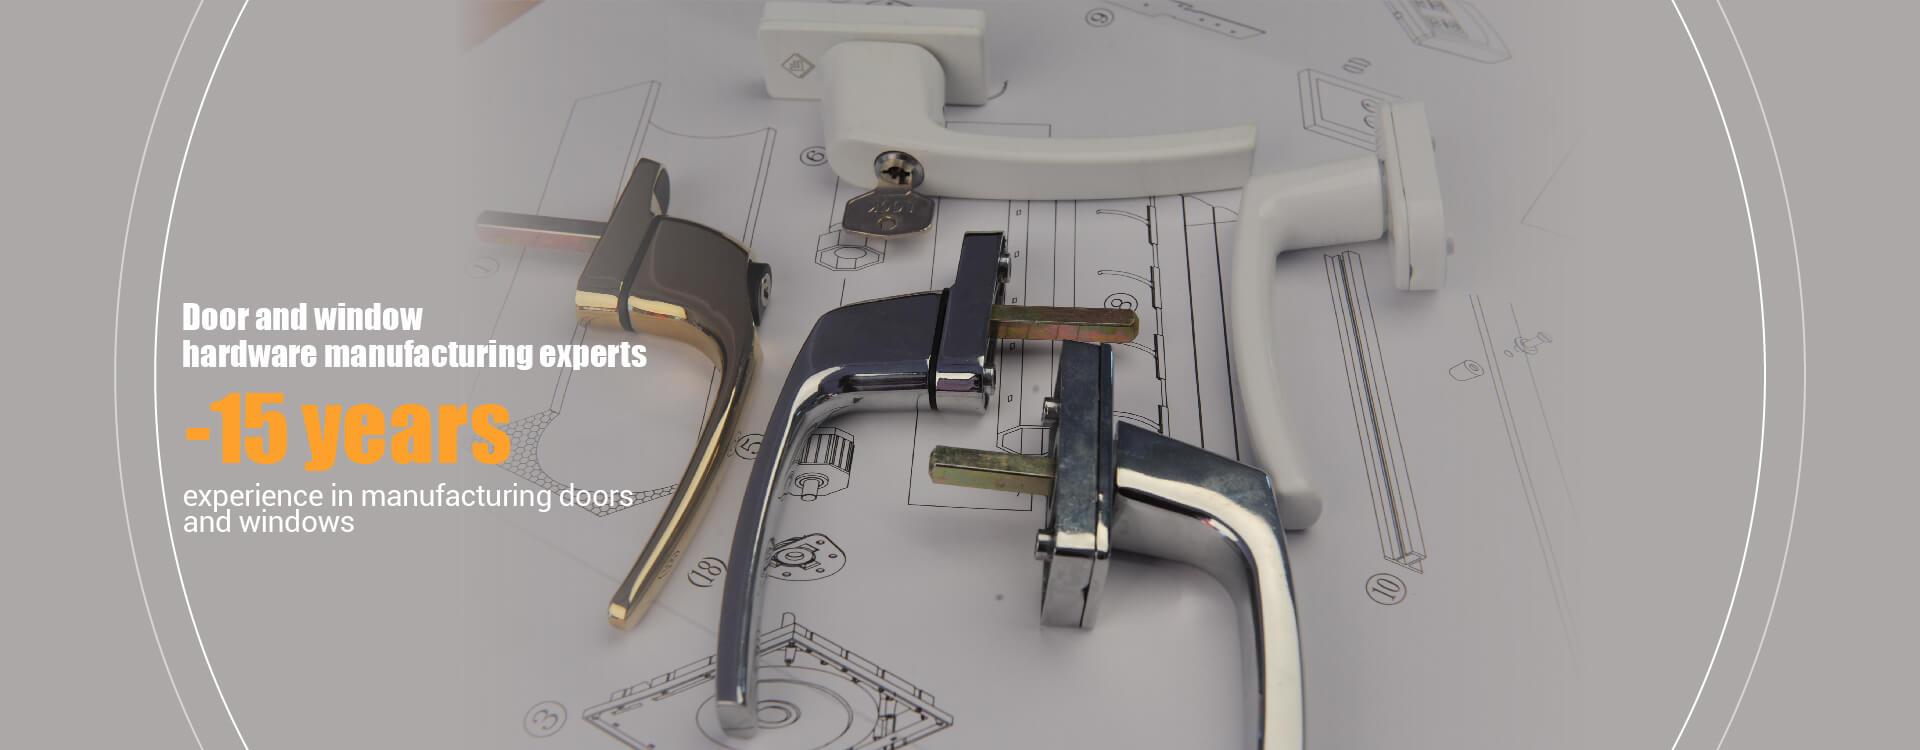 Эксперты по производству дверной и оконной фурнитуры -15 лет опыта в производстве дверей и окон